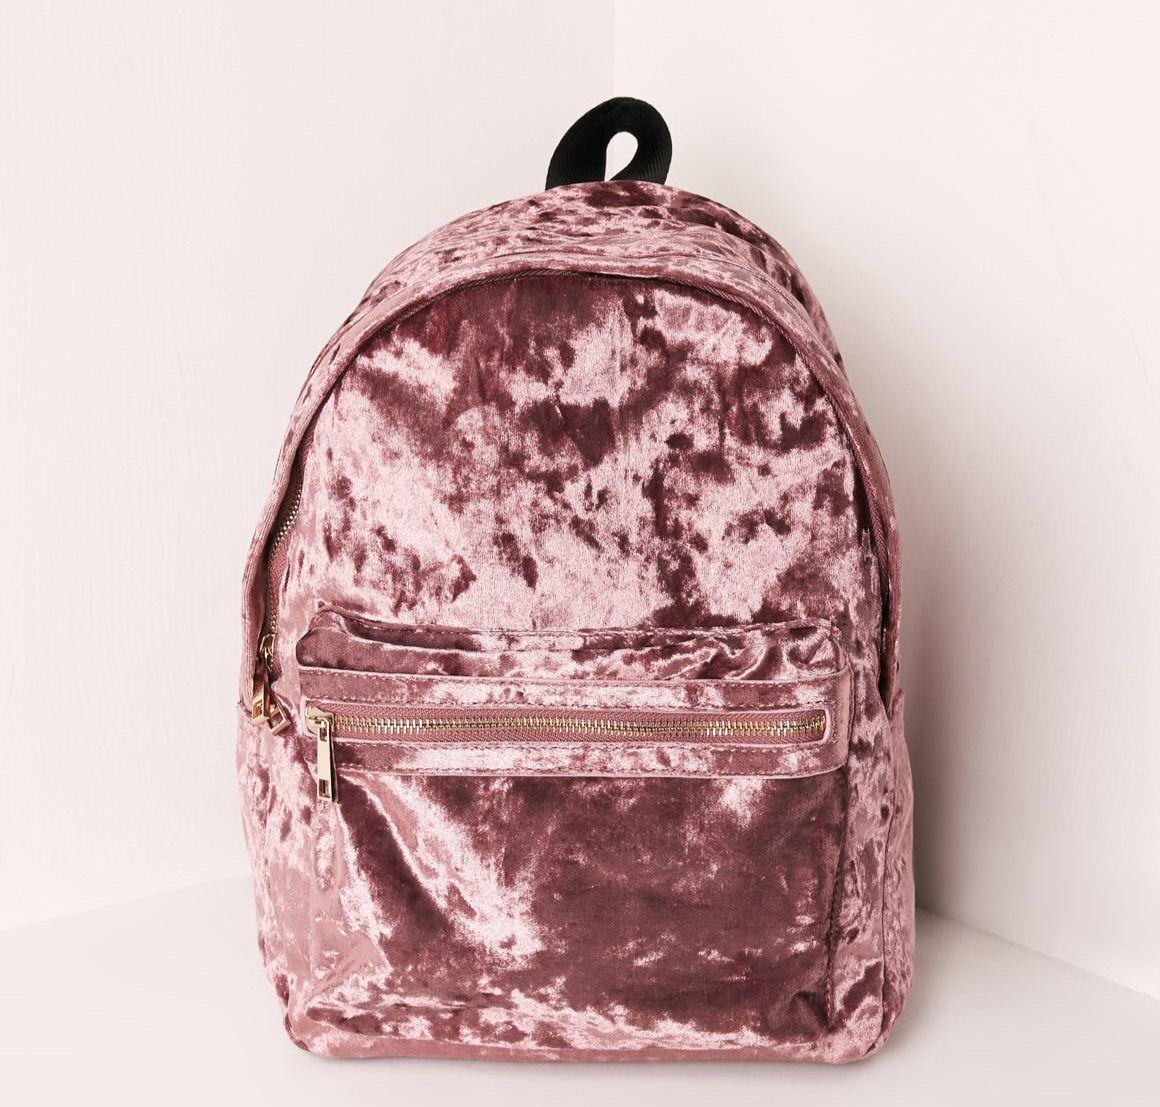 d5ececa54 Essa cor é maravilhosa❤ Amei essa mochila